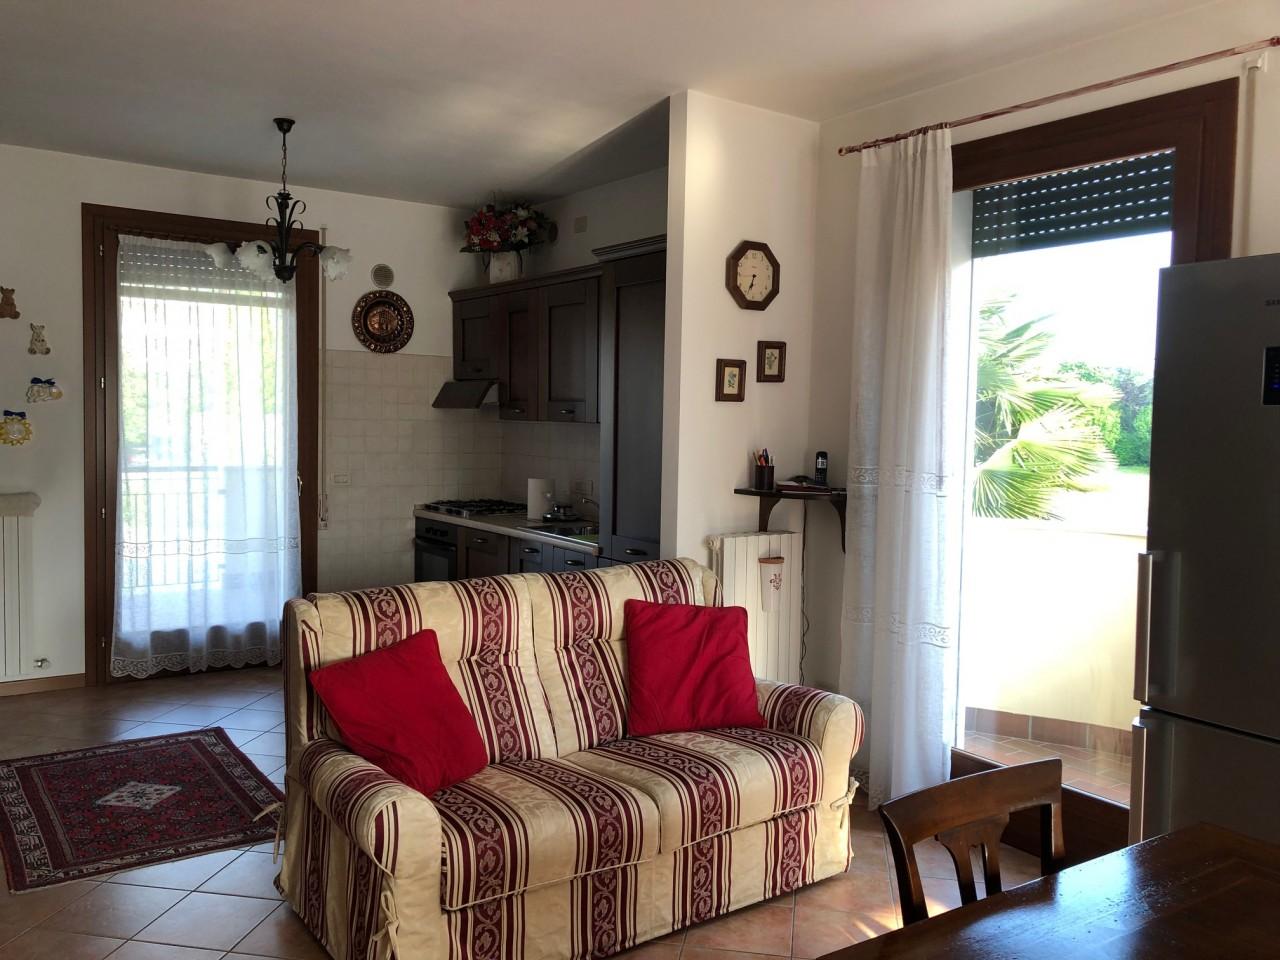 R465 Elegante Porzione di Bifamiliare con giardino a Montegrotto Terme https://media.gestionaleimmobiliare.it/foto/annunci/190606/2016261/1280x1280/004__Porzione_Bifamiliare_Montegrotto_Terme.jpg